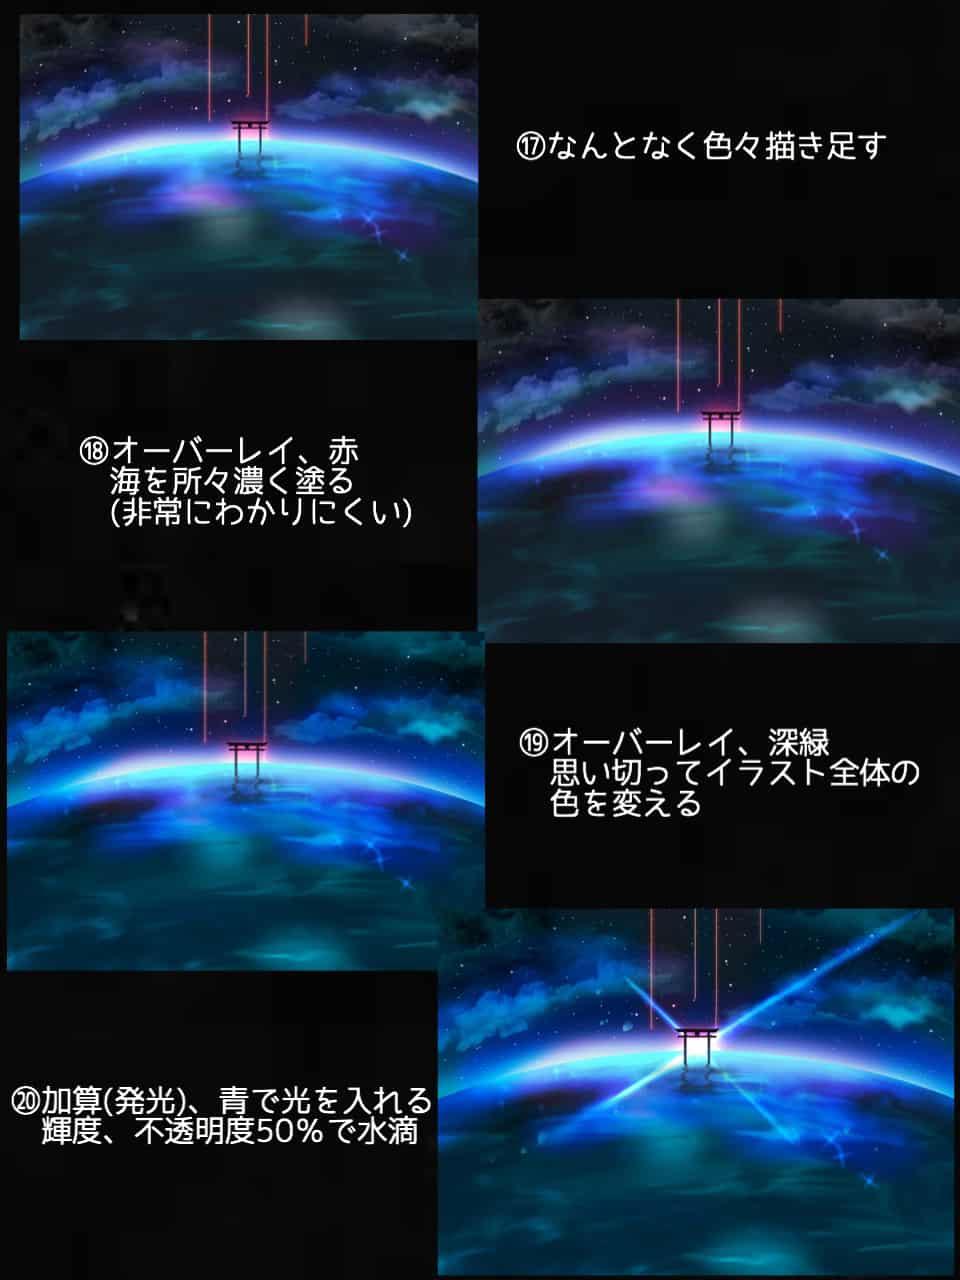 風景画の描き方 Illust of ぽぽうどん Post_Multiple_Images_Contest 夜空 sky 風景画 star 描き方 starry_sky iPad_raffle scenery sea